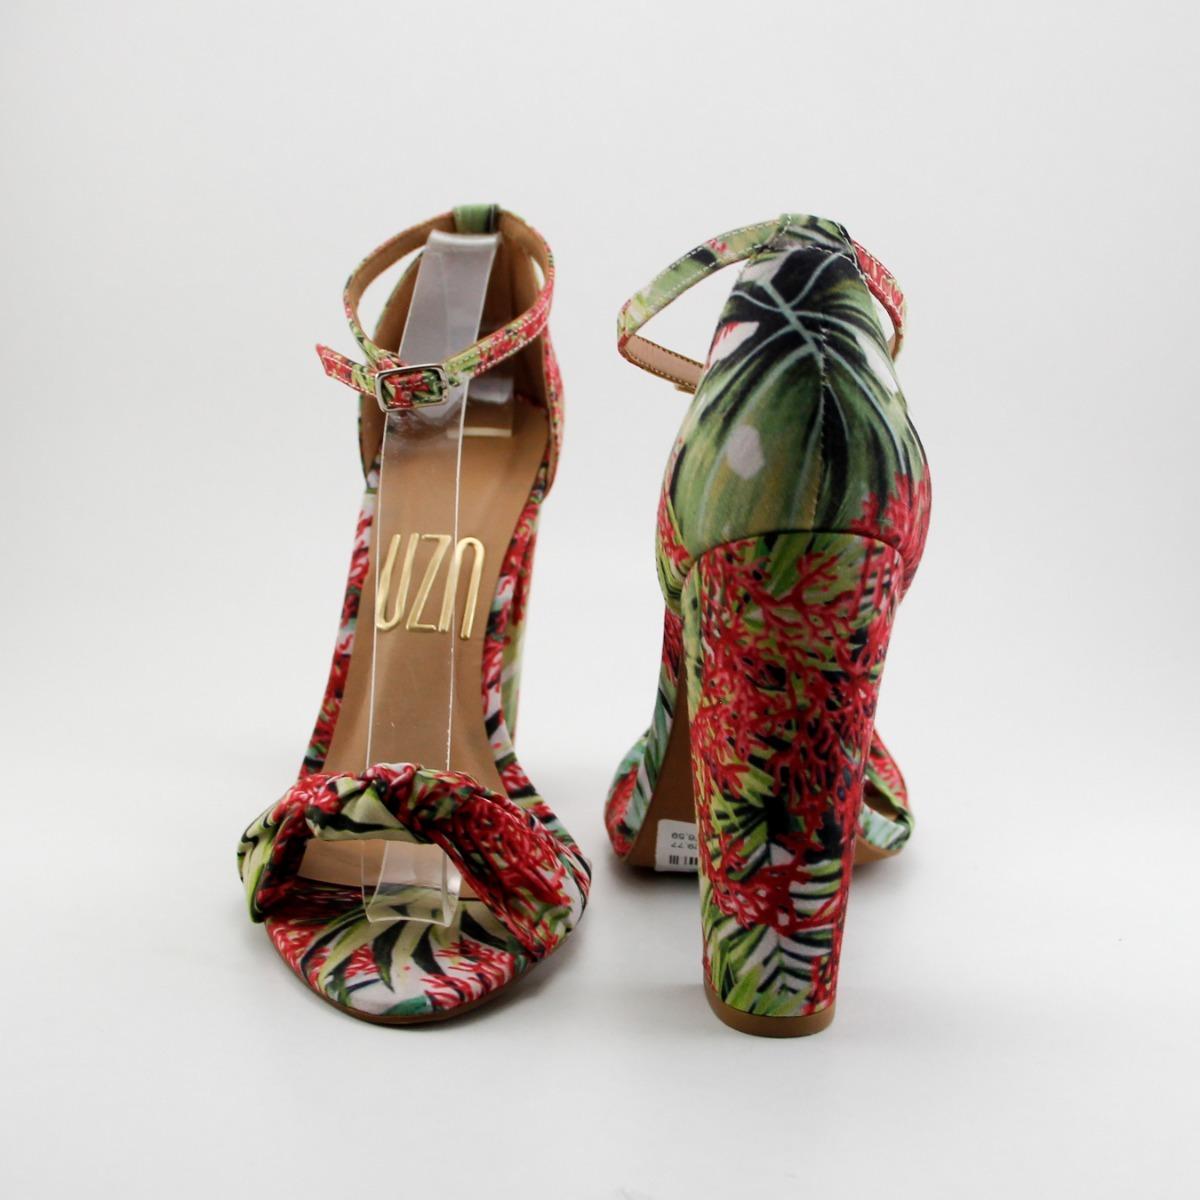 22c5c3f91a sandália estampa floral com nó em cima salto grosso alto uza. Carregando  zoom.